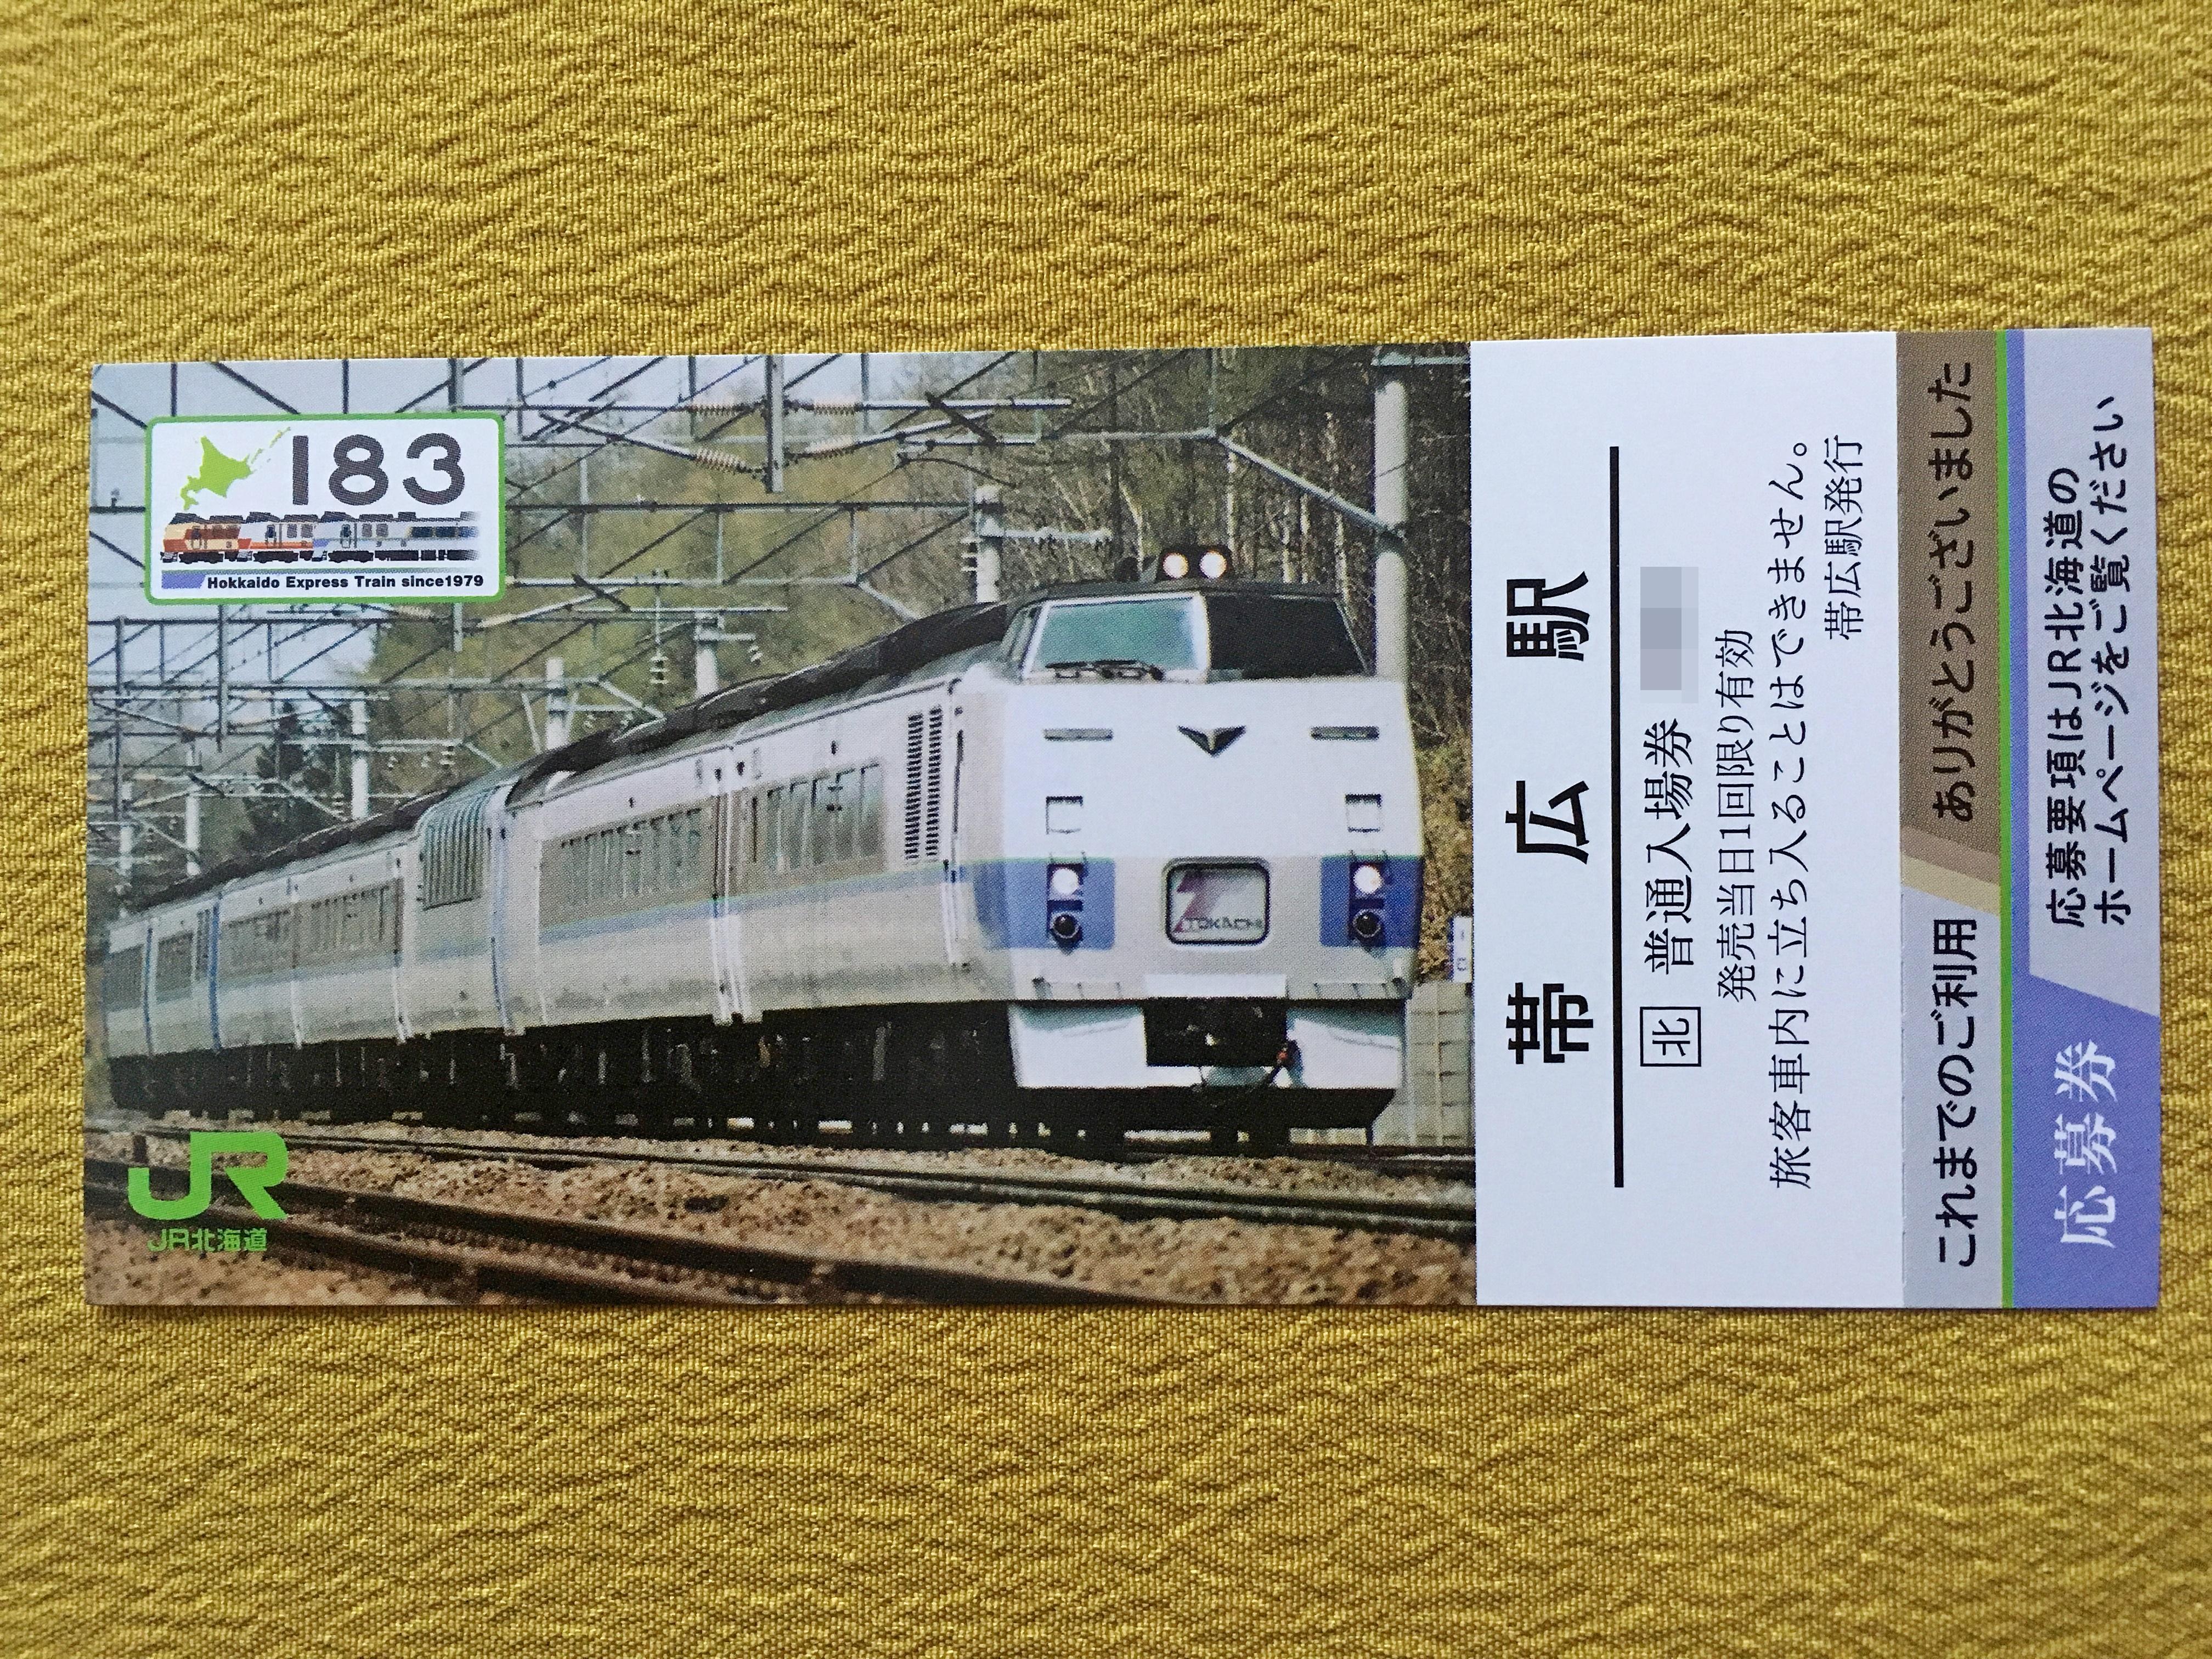 キハ183-0系記念入場券 帯広駅表.JPG